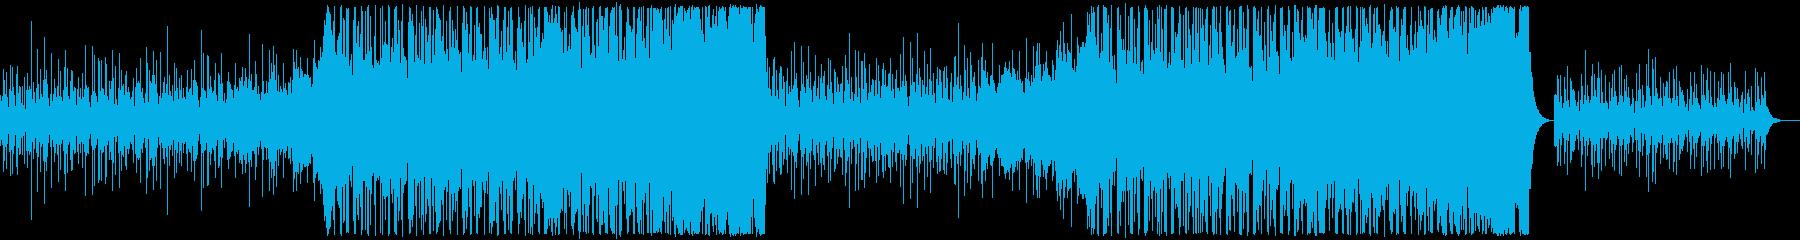 おしゃれ13の再生済みの波形